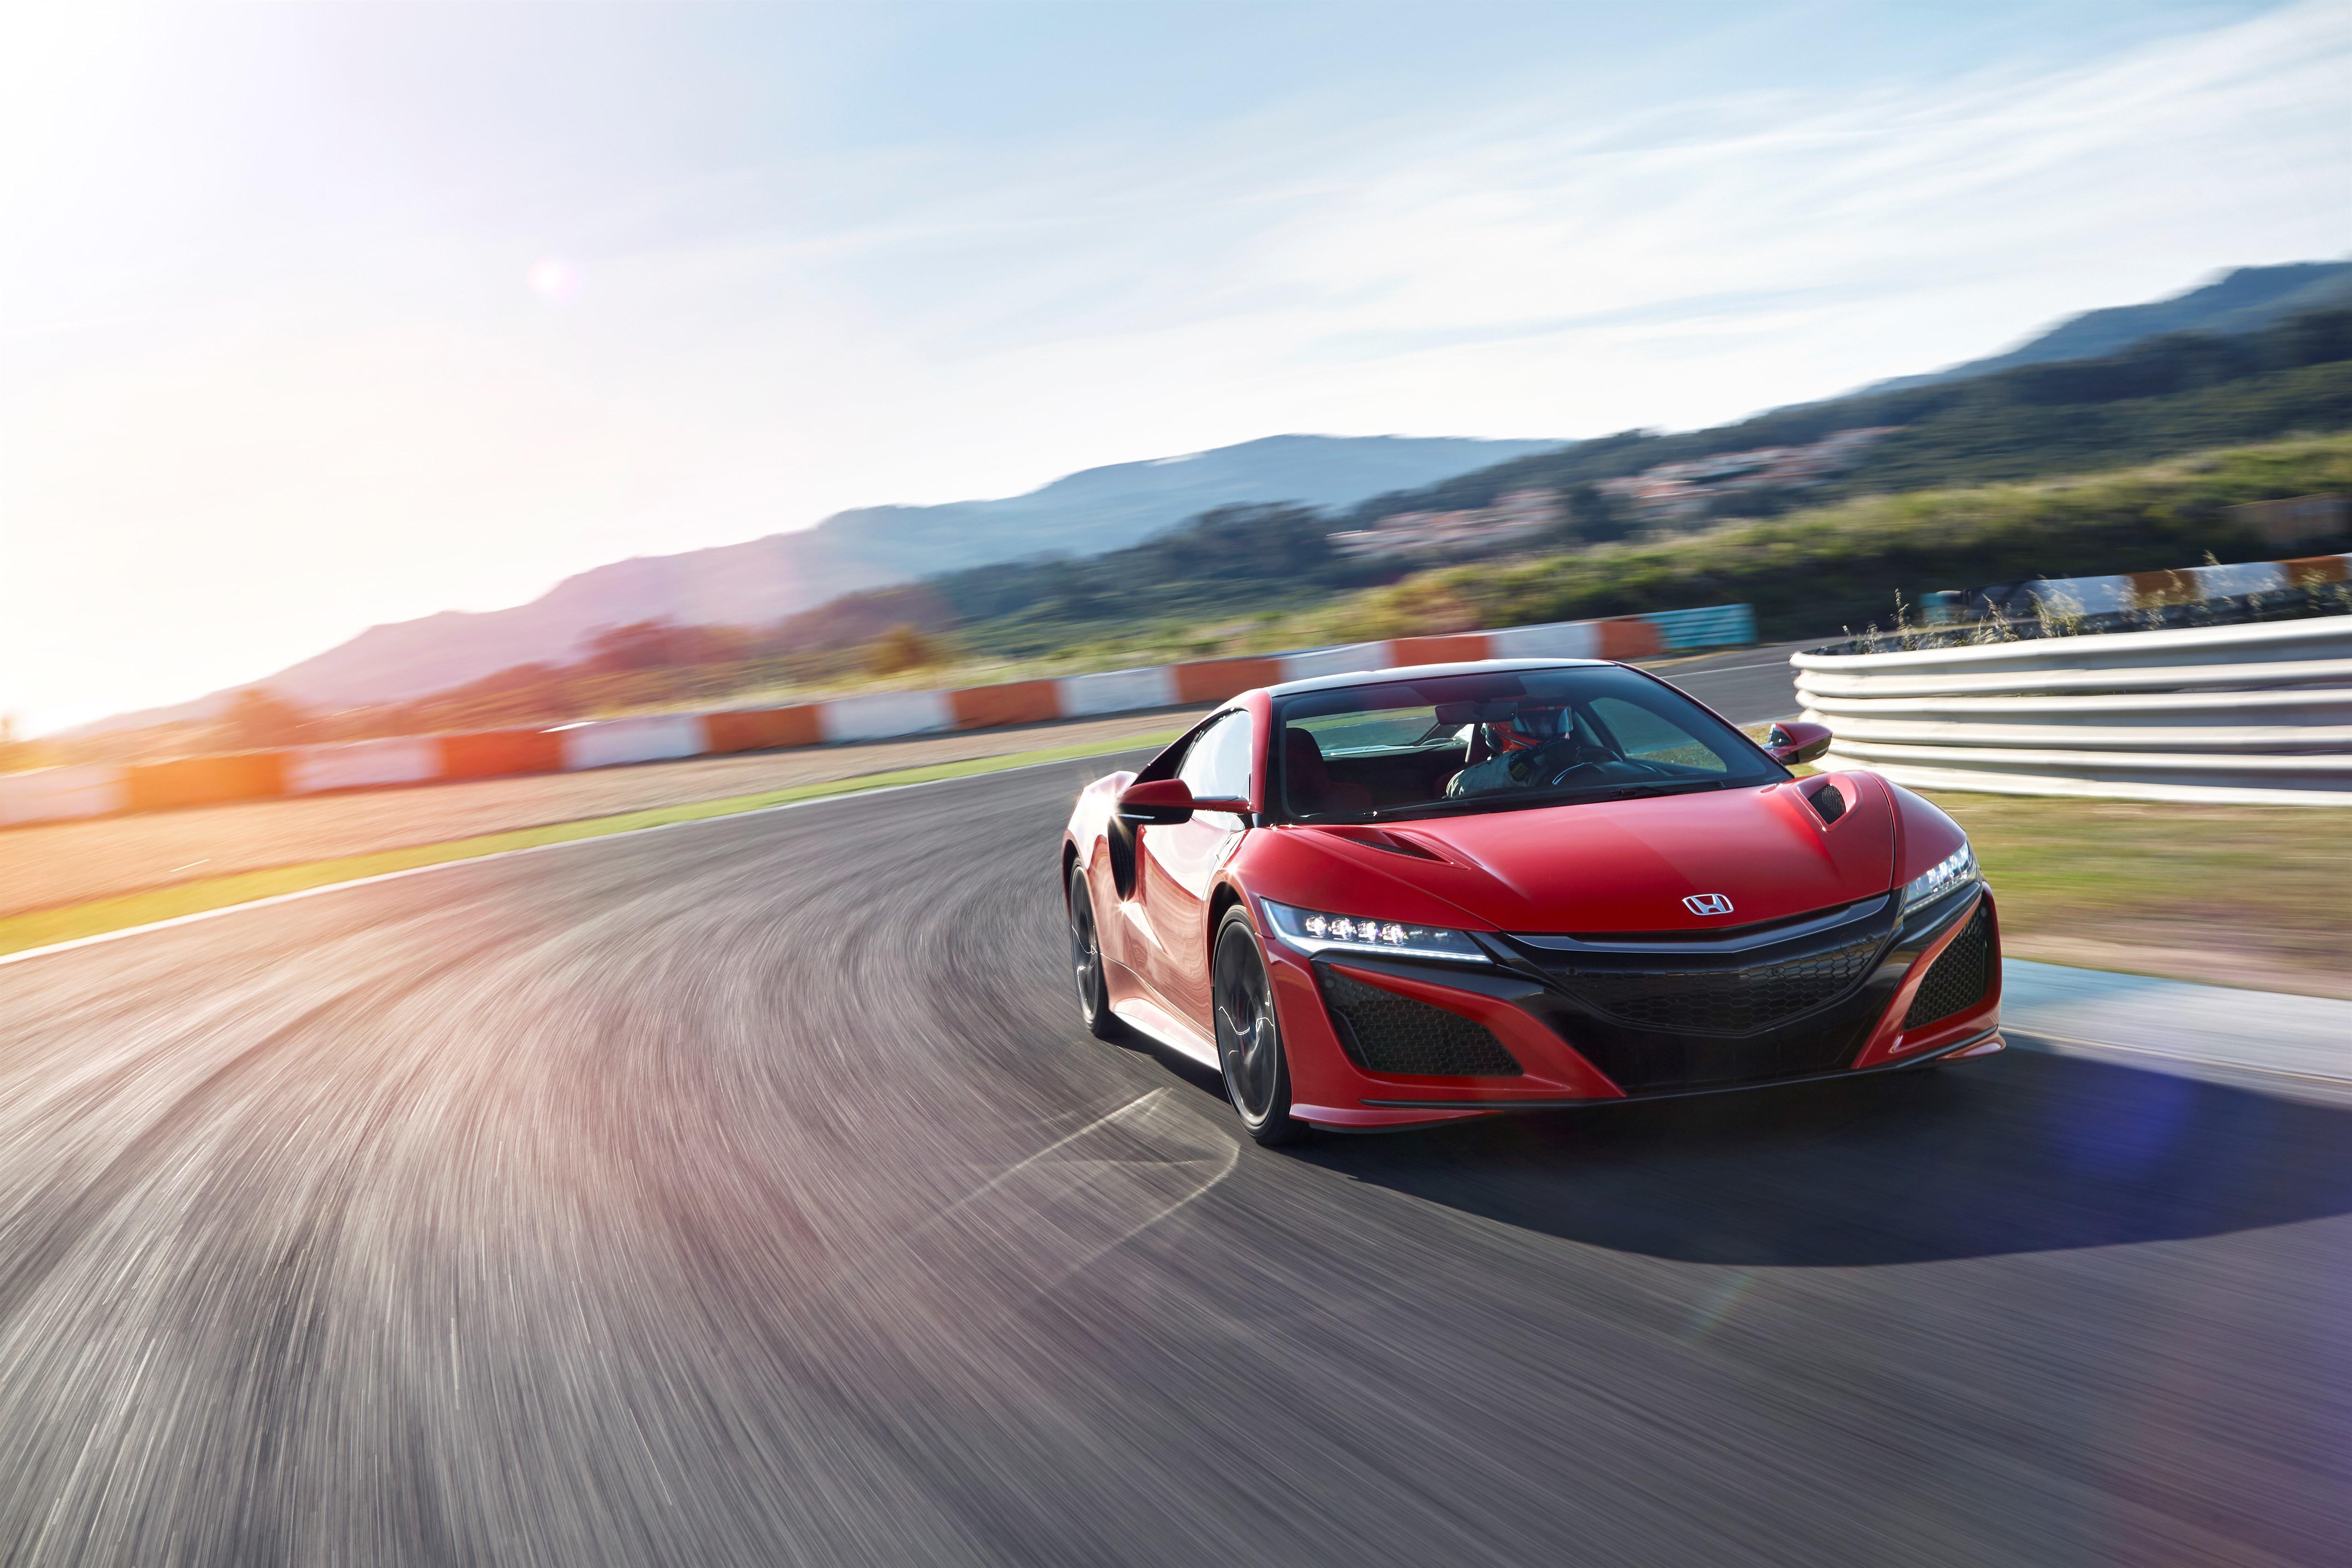 Картинка: Honda NSX, Red, красный, спортивный, автомобиль, трасса, дорога, асфальт, скорость